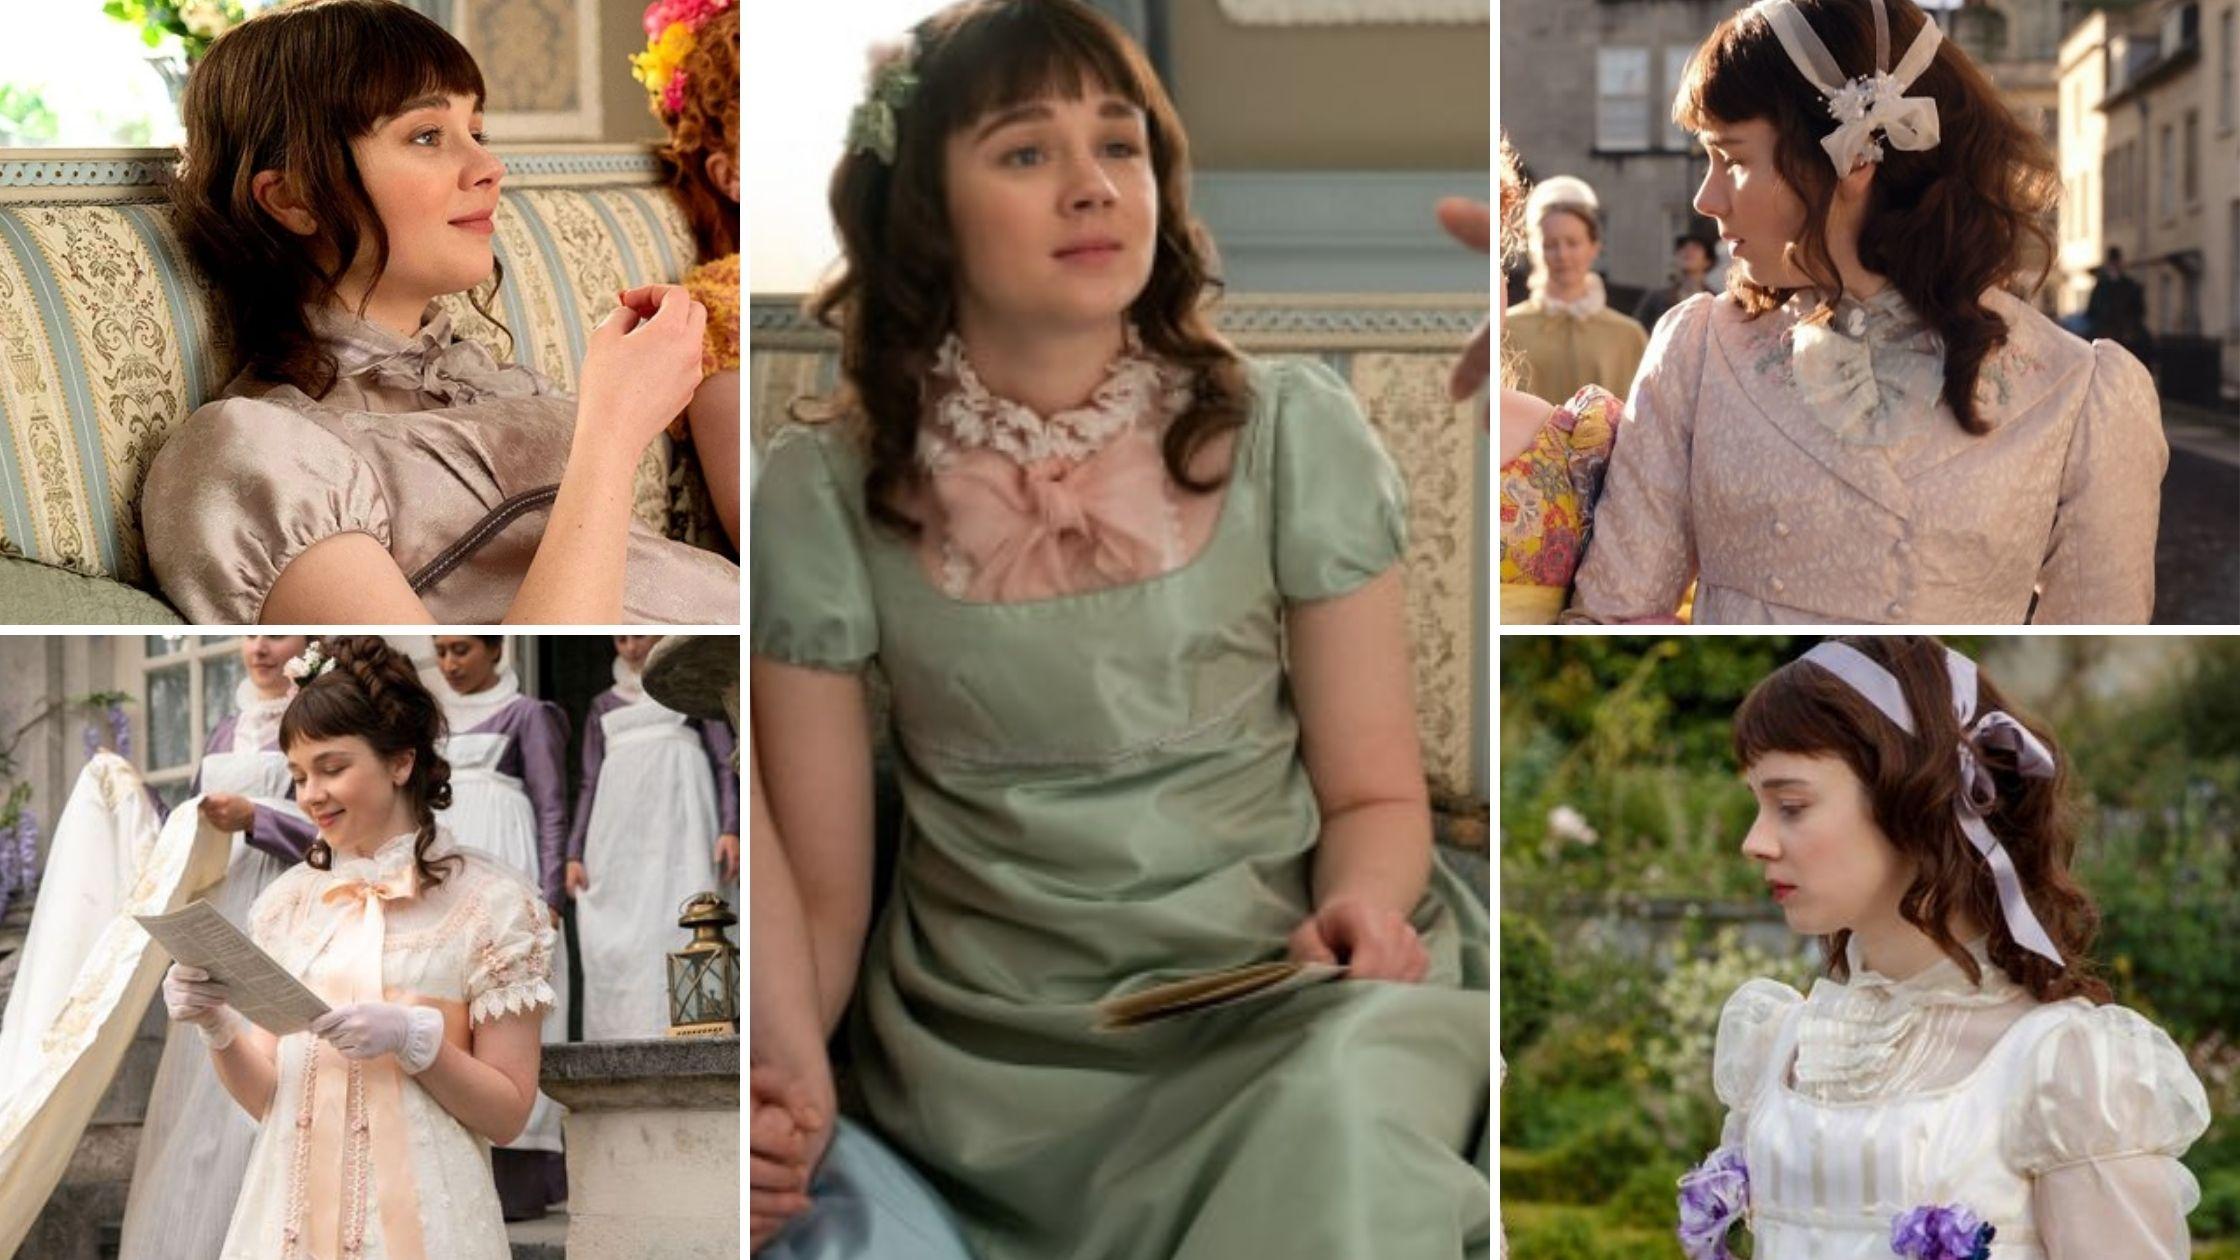 Les robes d'Eloise Bridgerton